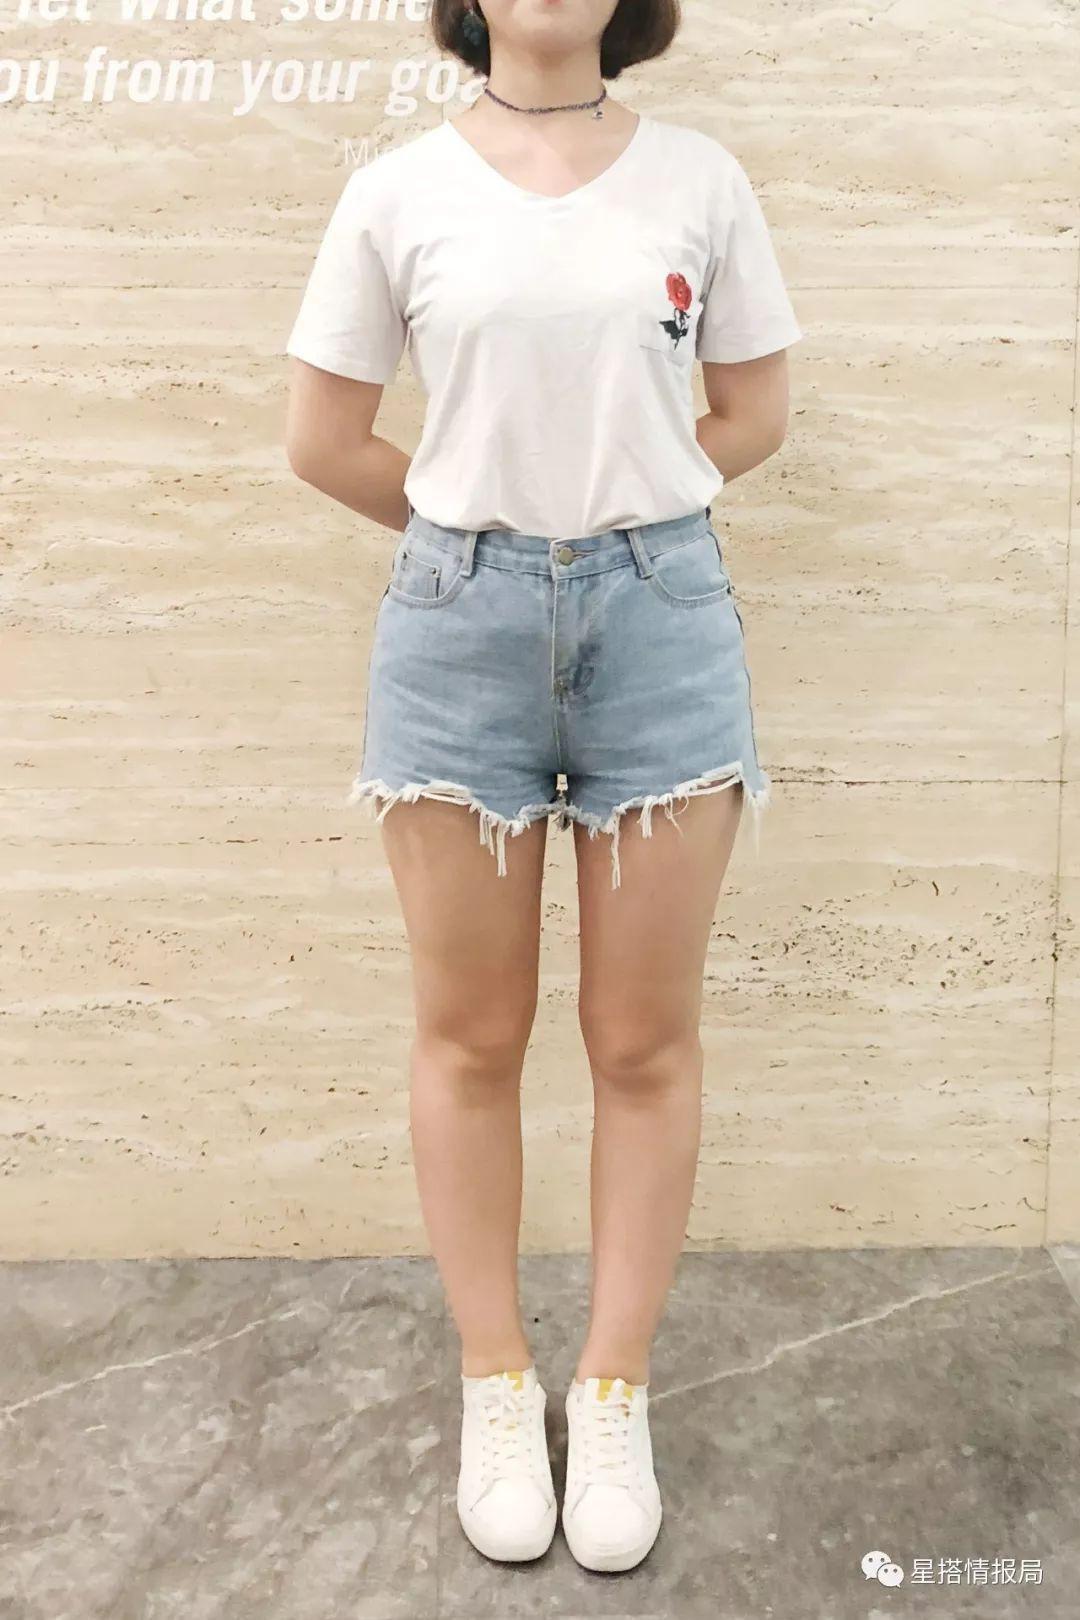 Đại diện các chị em mặc thử 8 loại quần jeans phổ biến, cô nàng này đã tìm ra loại tôn chân nịnh dáng nhất - Ảnh 2.